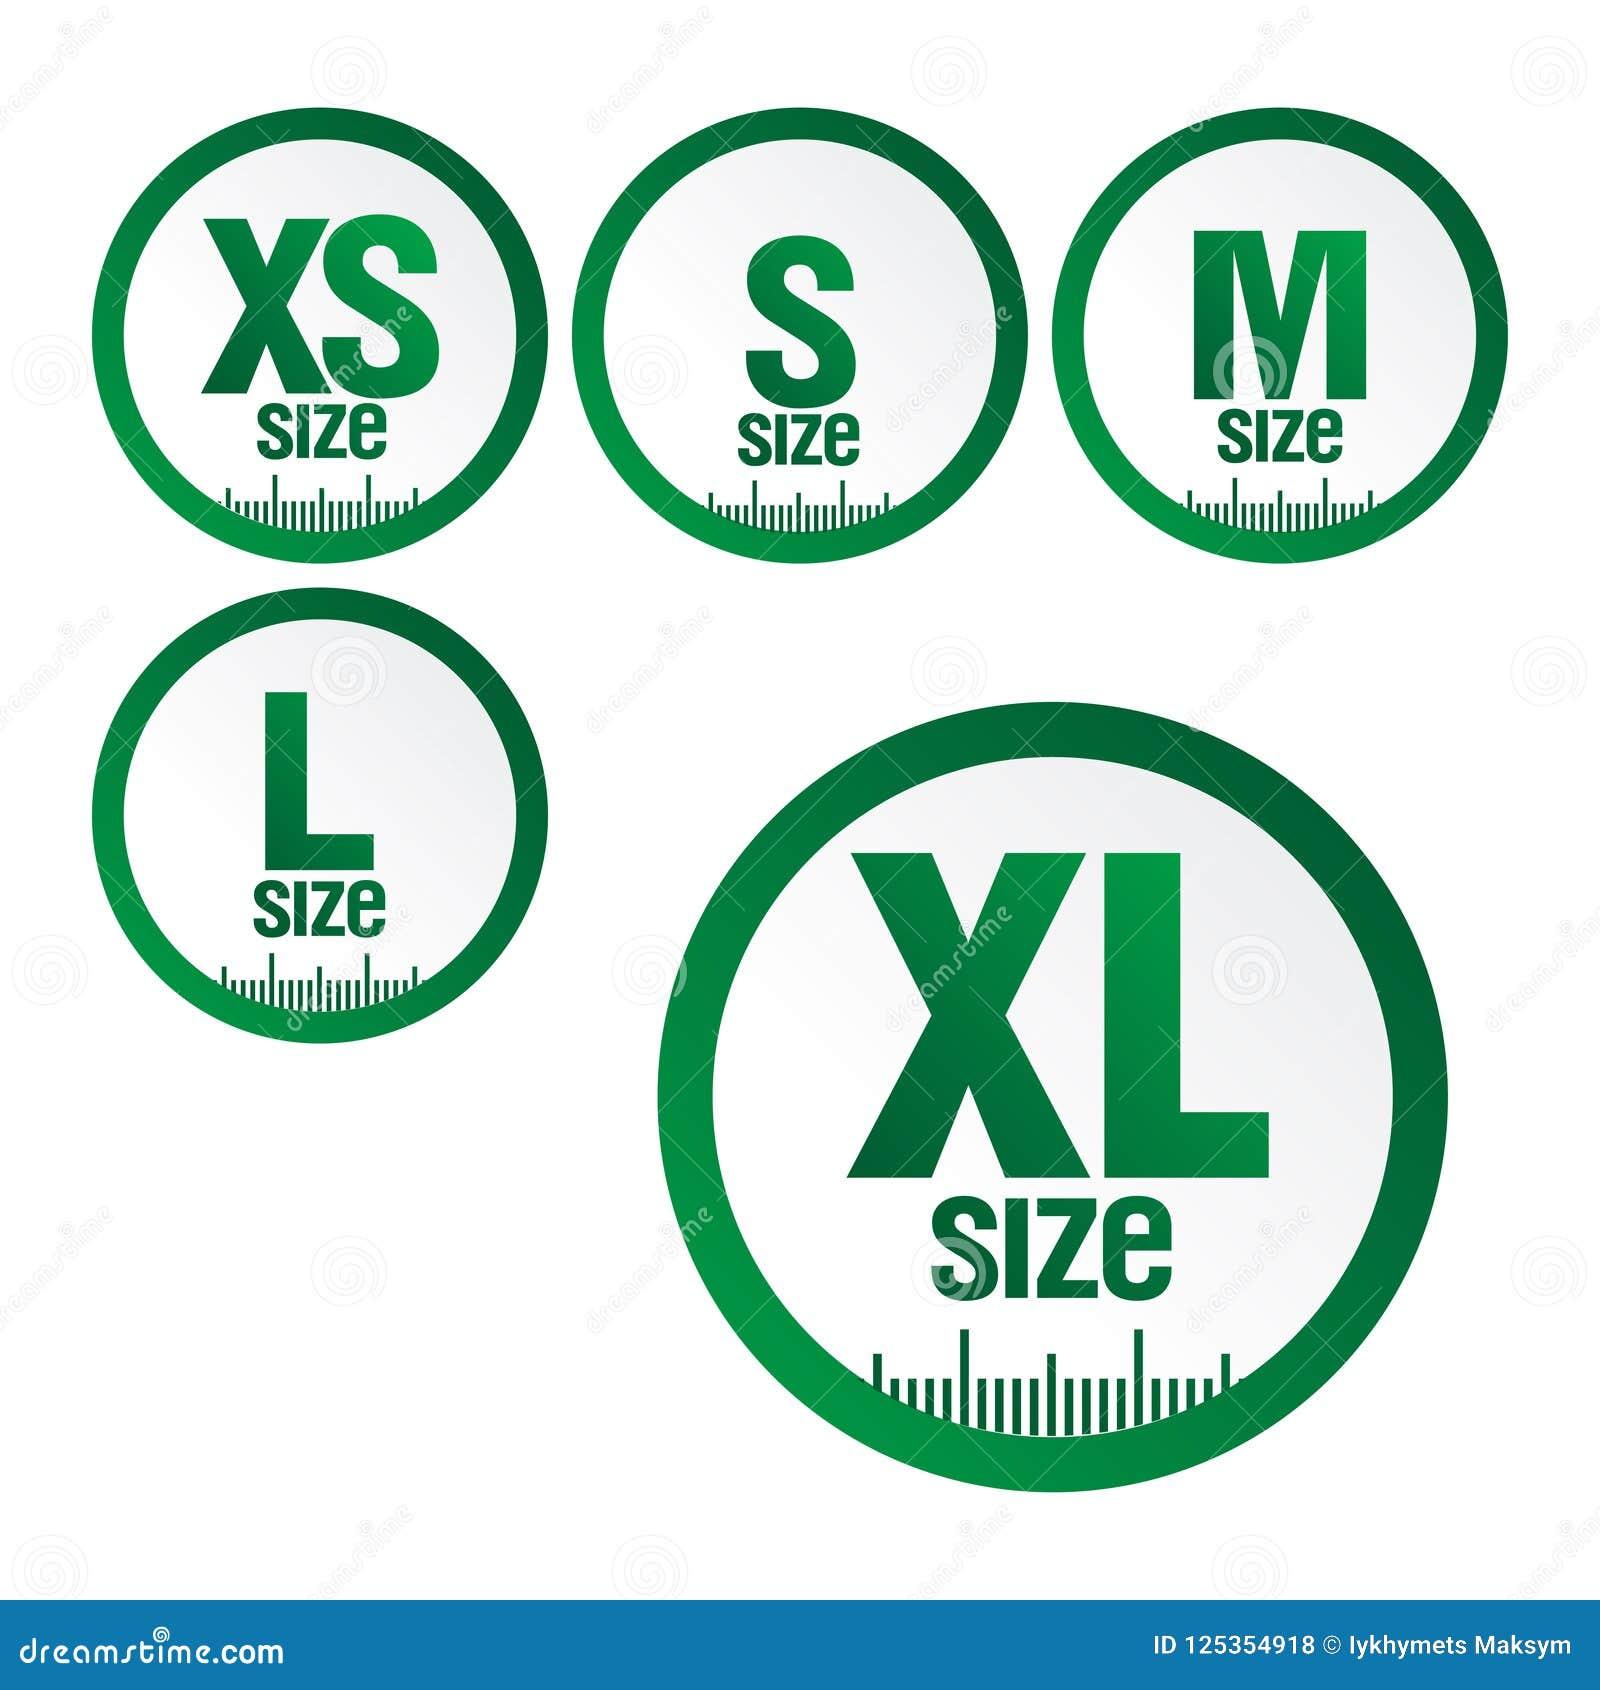 Size Clothing Stock Illustrations 3 168 Size Clothing